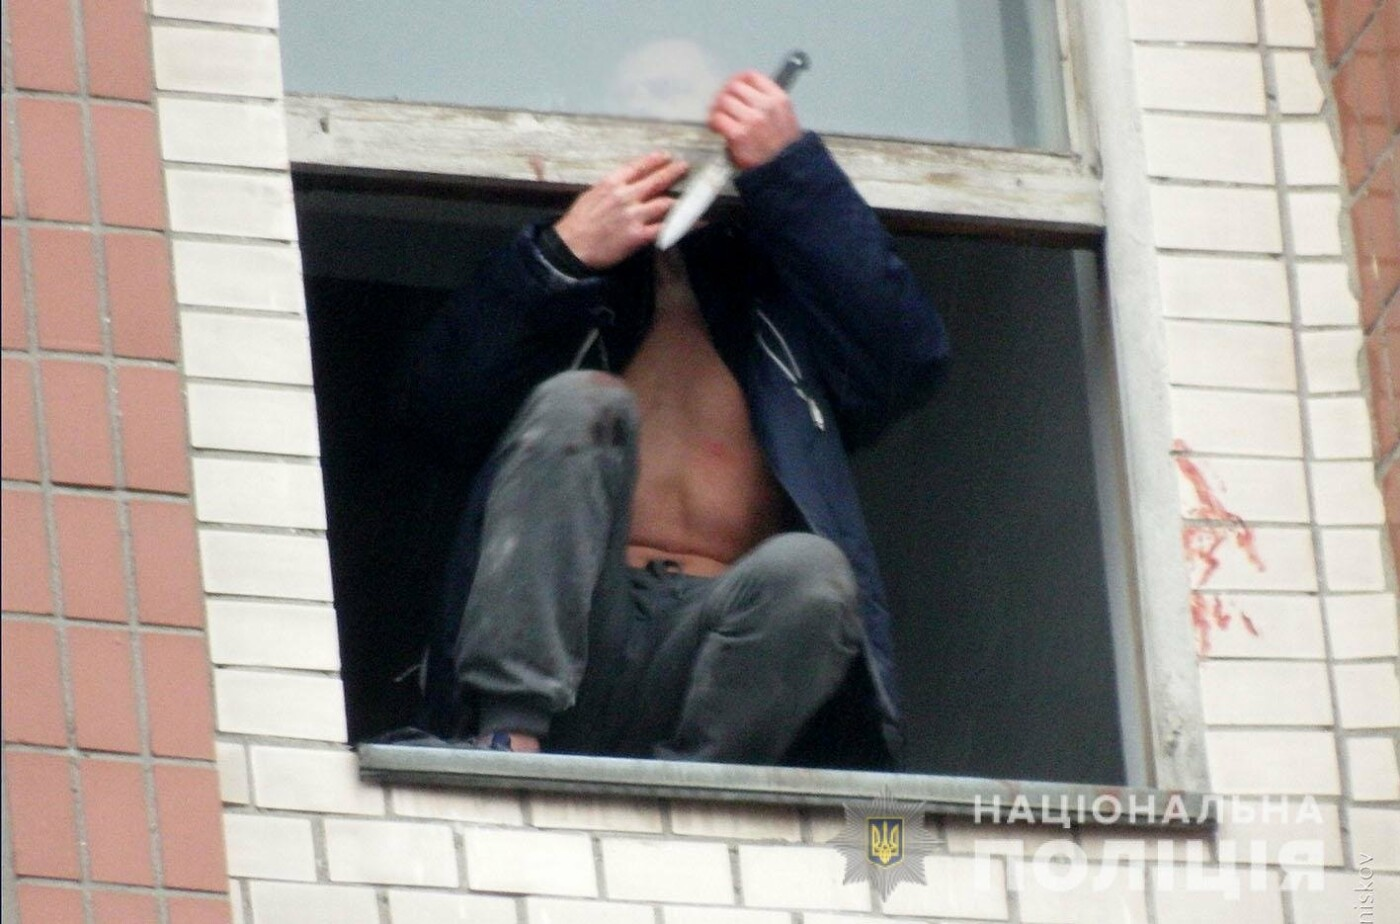 Ревнощі: У Хмельницькому взяли під варту чоловіка, який вбив дружину та хотів вбити знайомого , фото-2